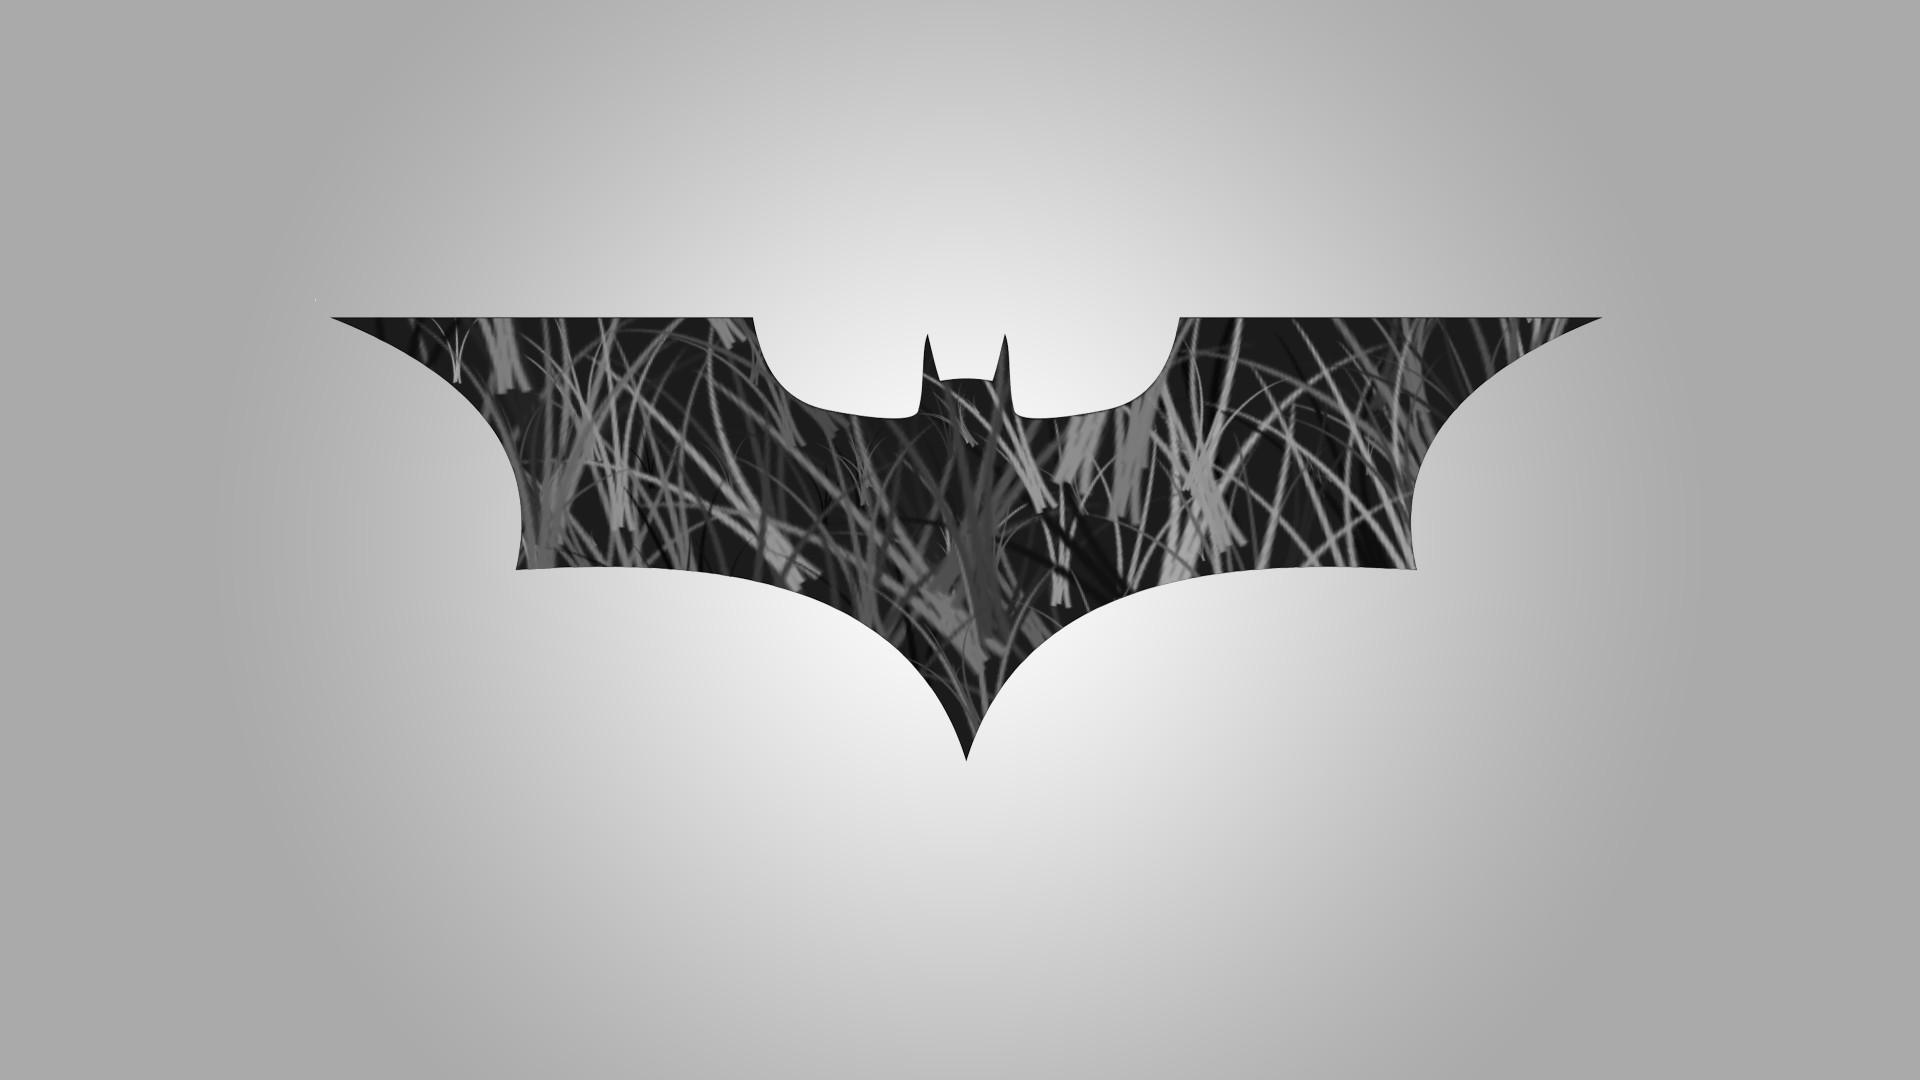 1920x1080 px Batman logo